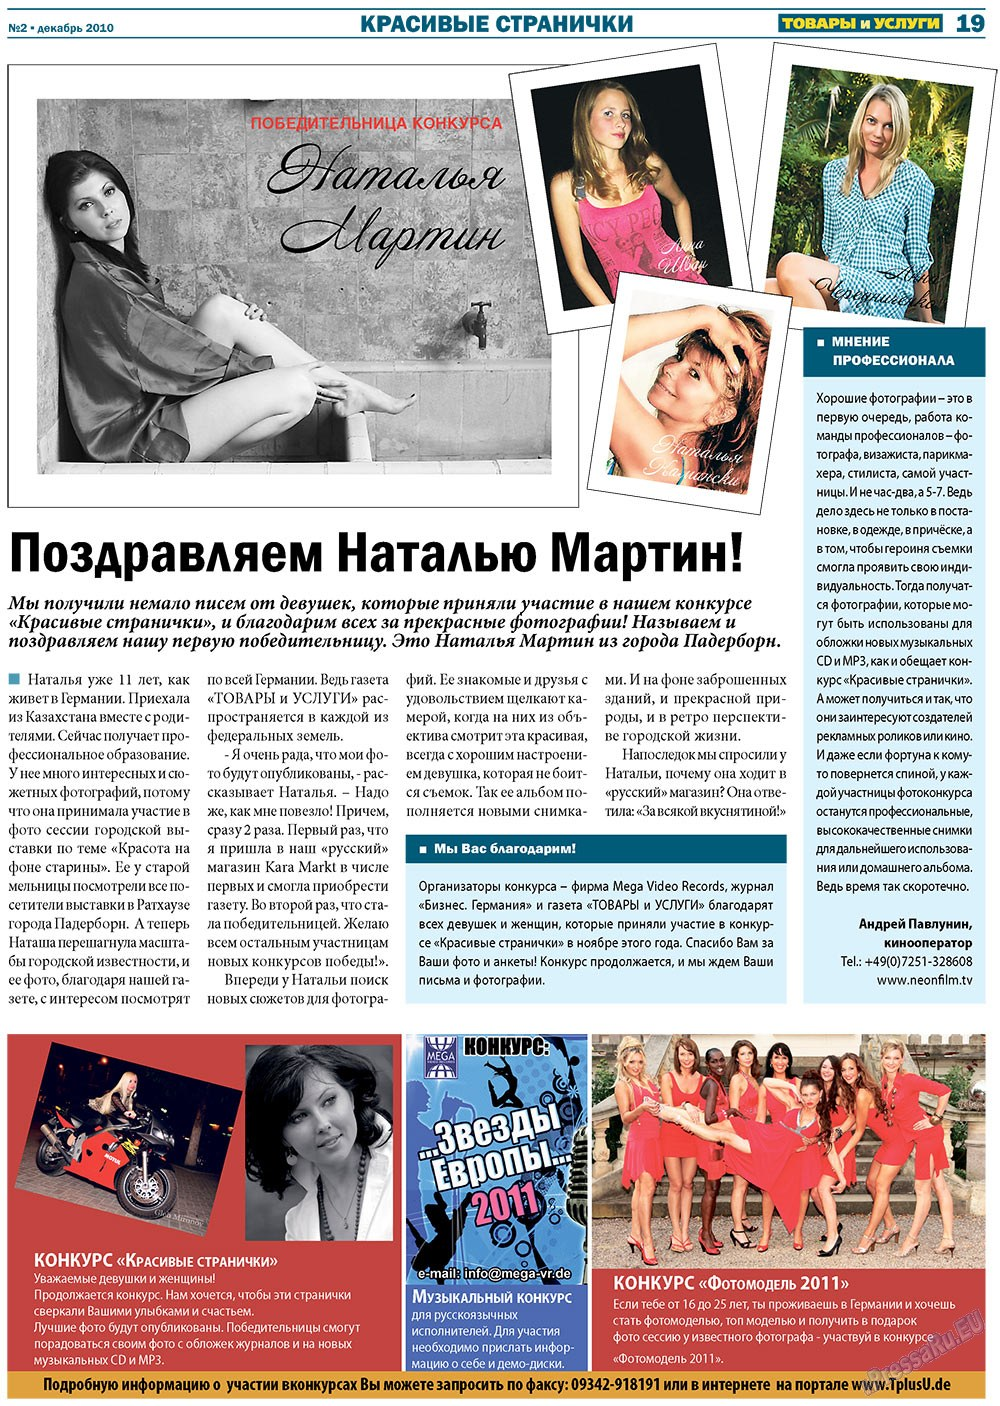 Товары и услуги (газета). 2010 год, номер 2, стр. 19